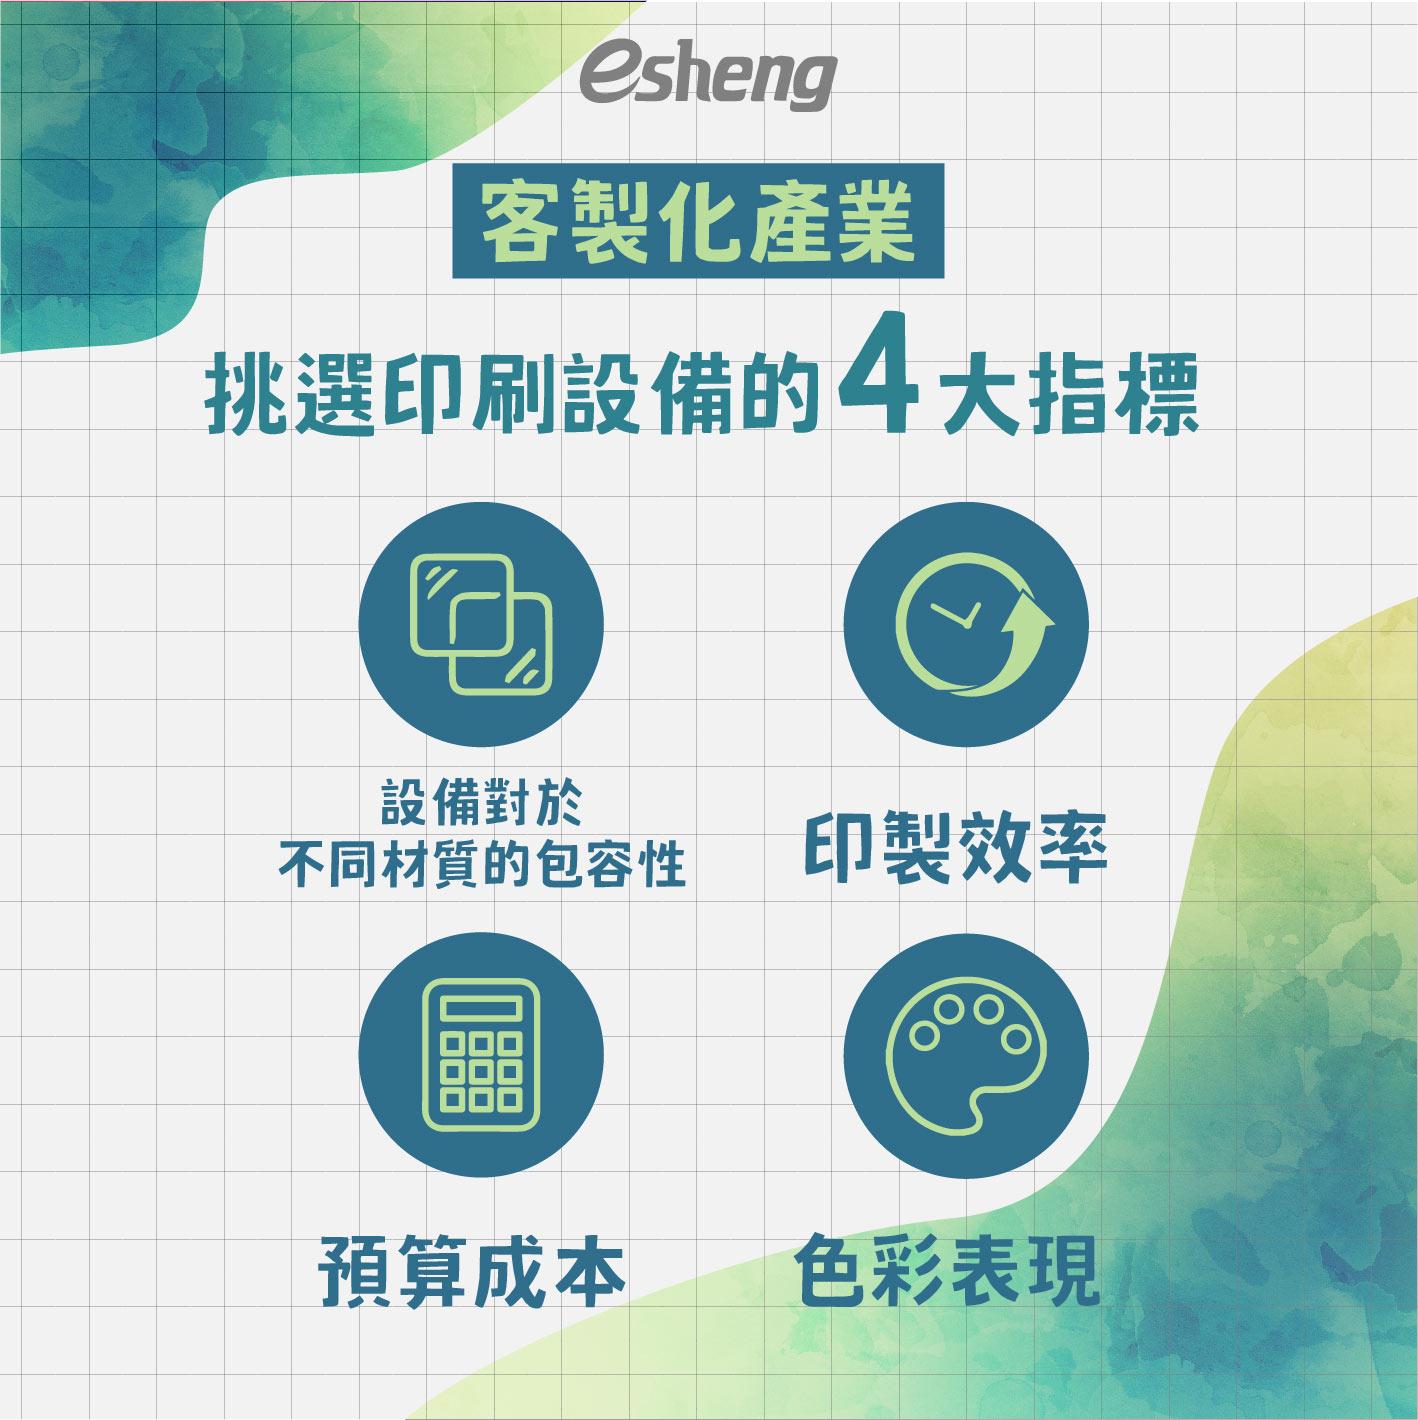 客製化產業挑選印刷設備的4大指標